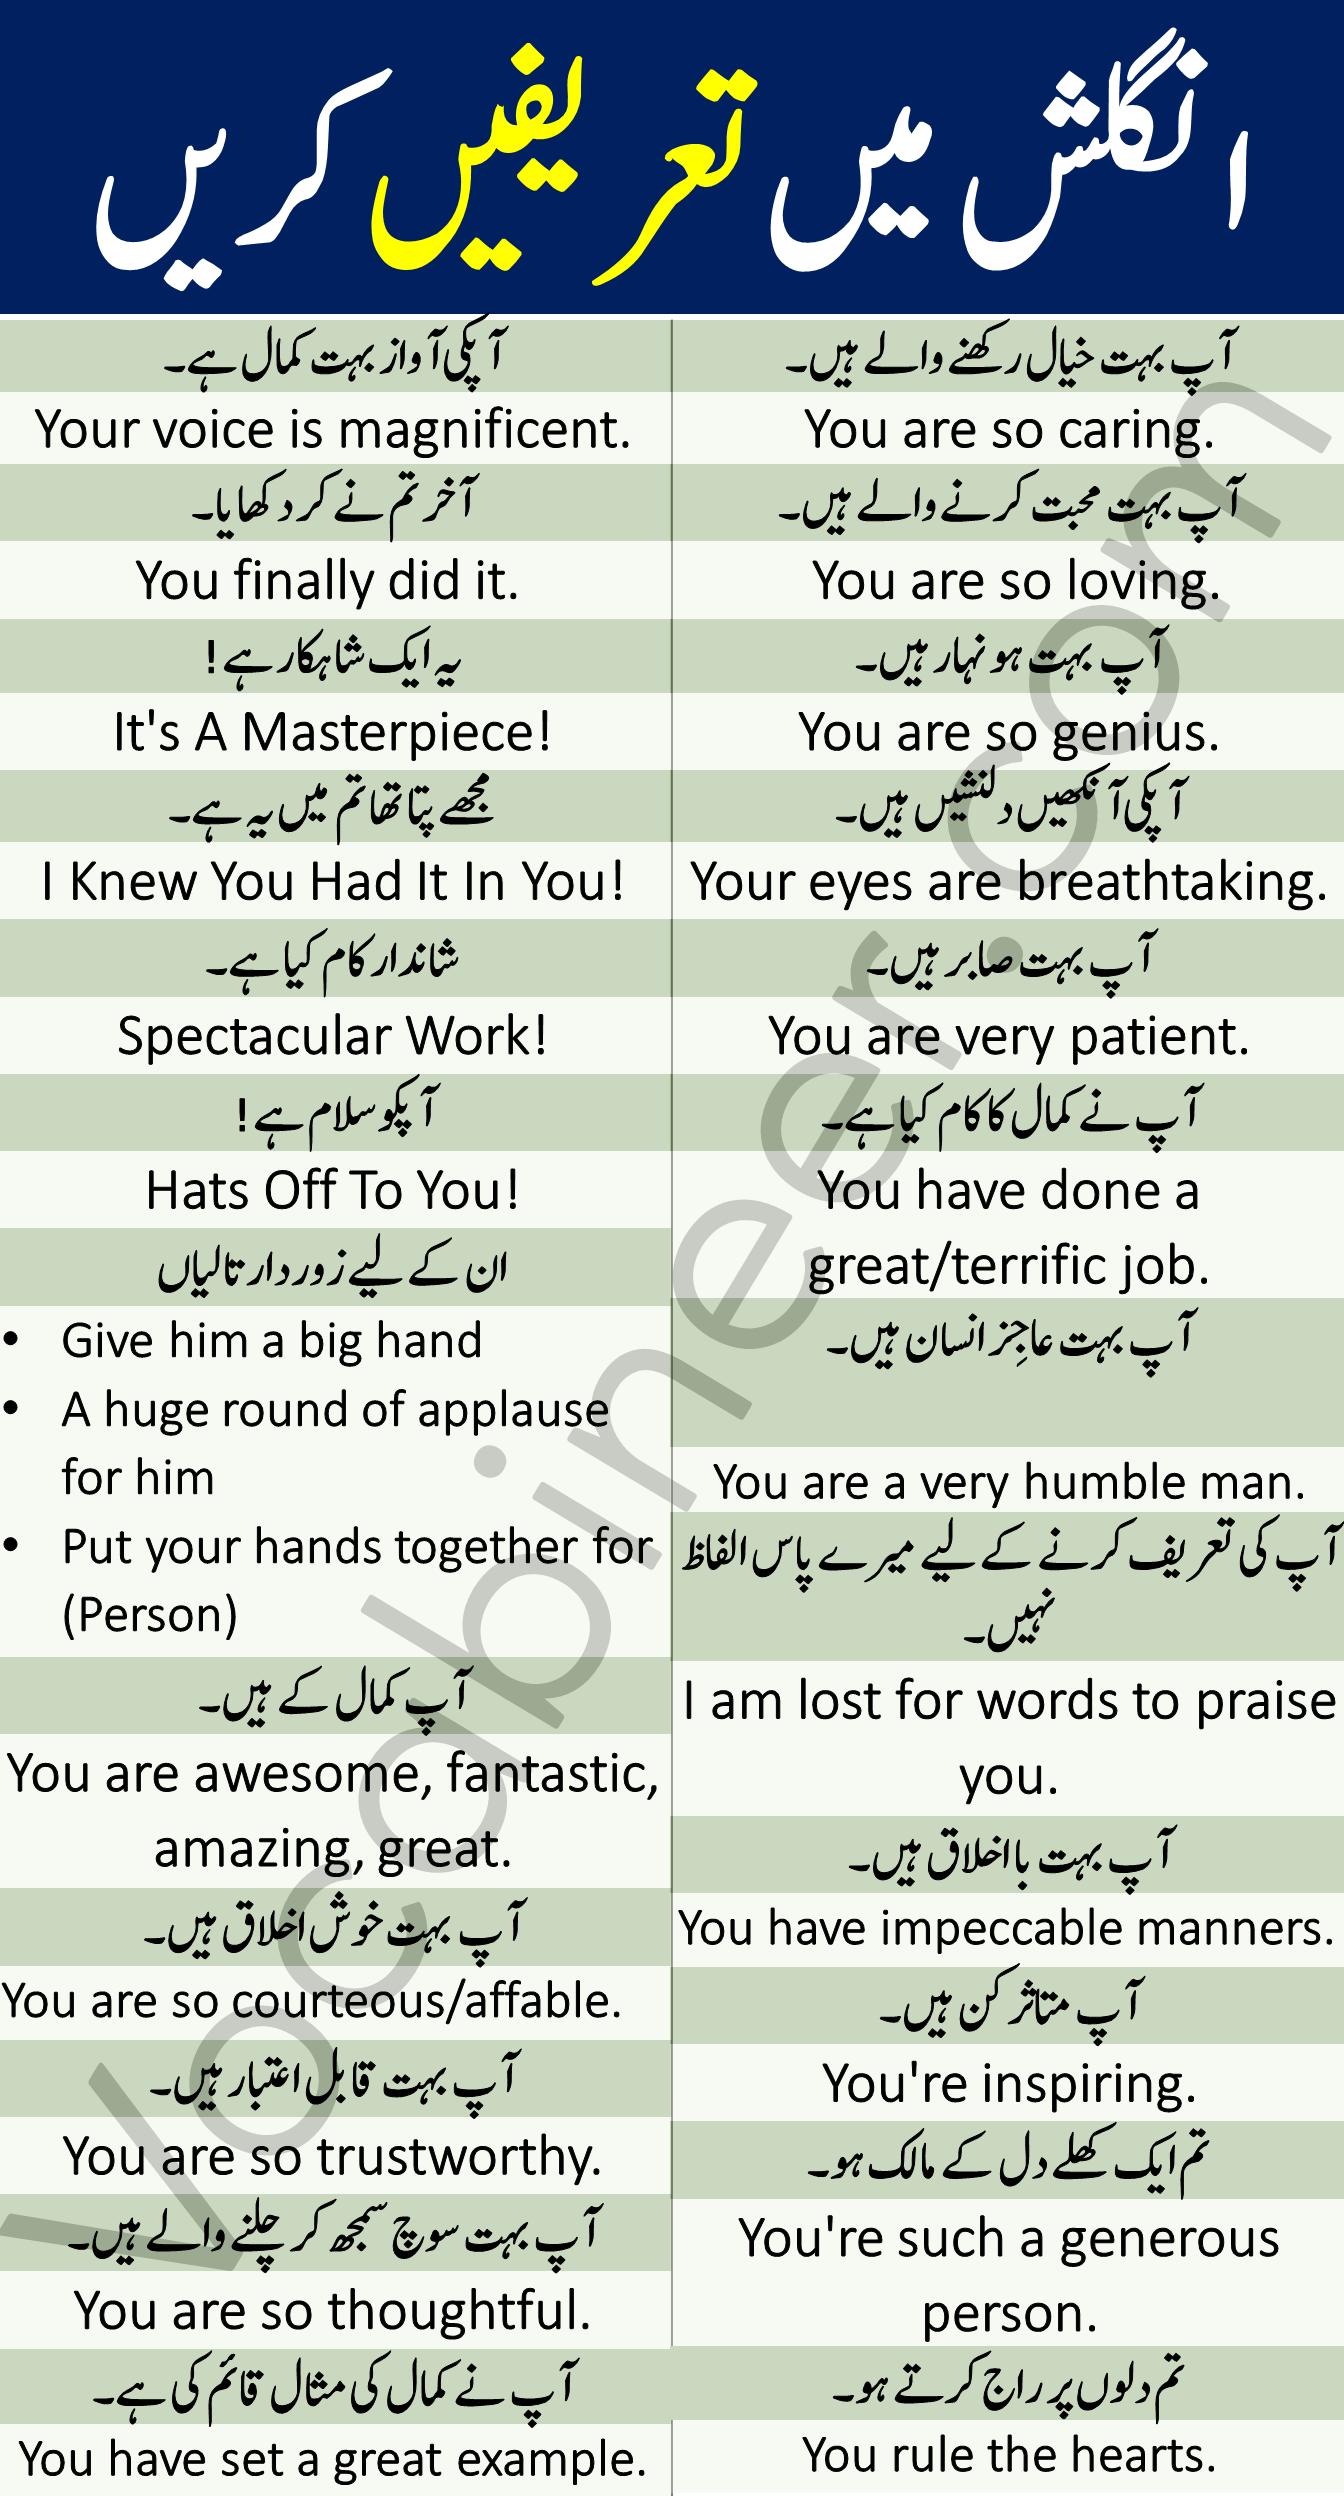 English Sentences in Urdu to Praise Someone